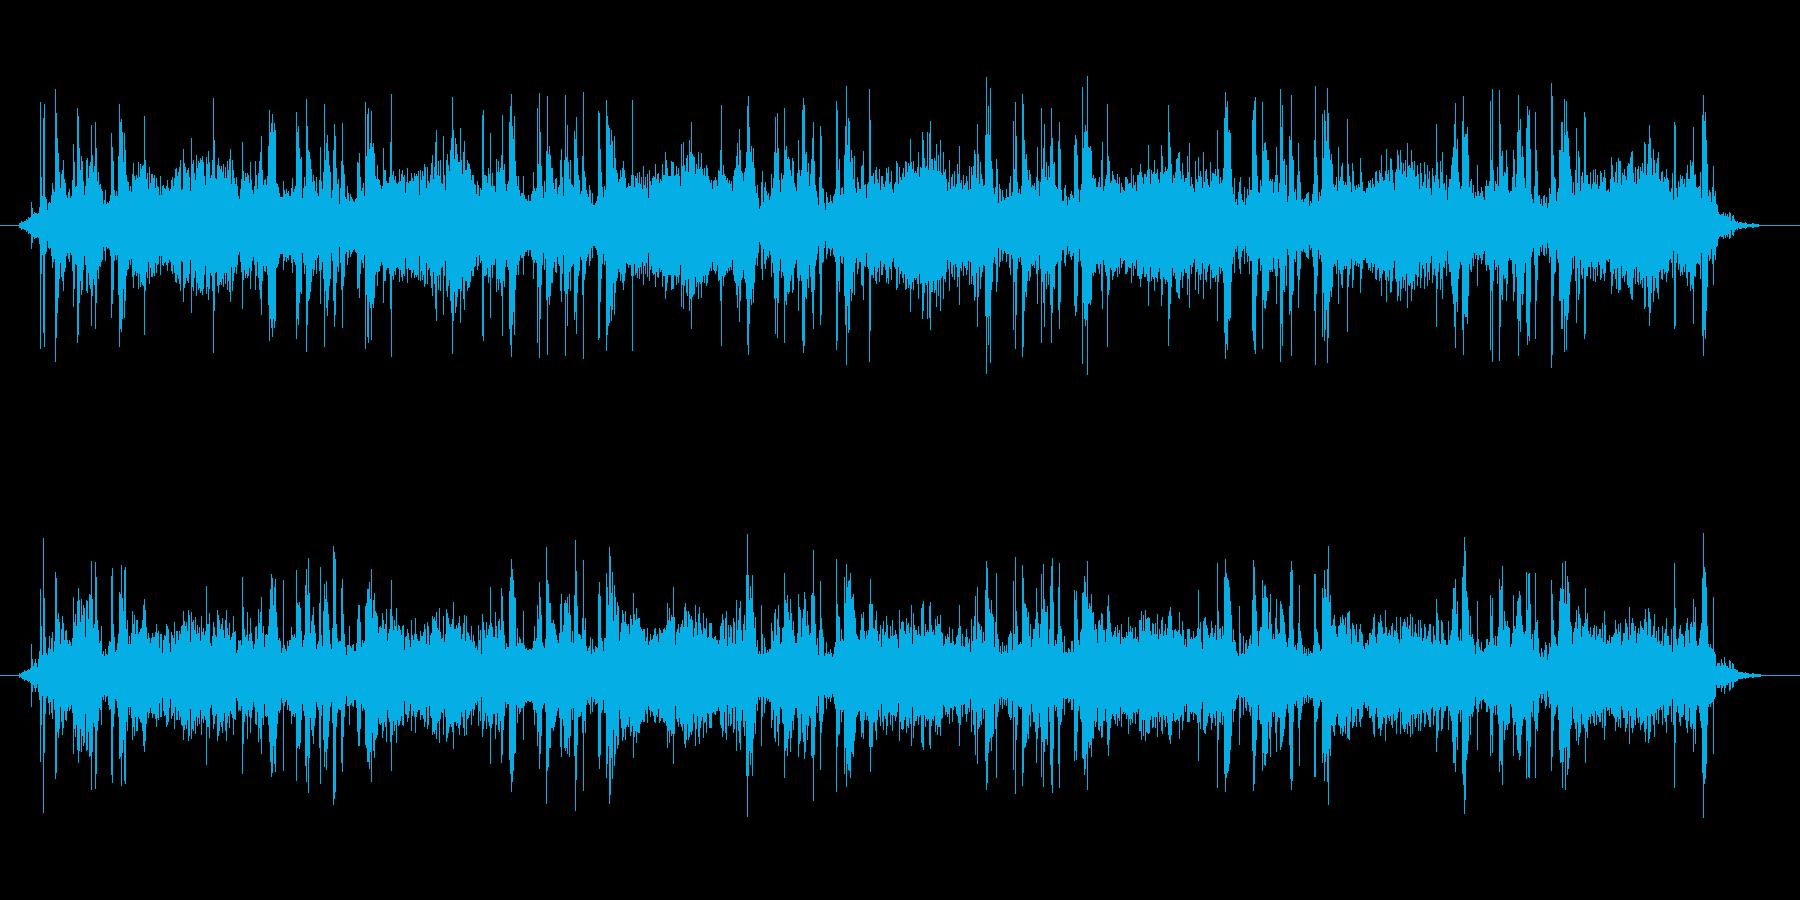 カメラの連続シャッター音の再生済みの波形